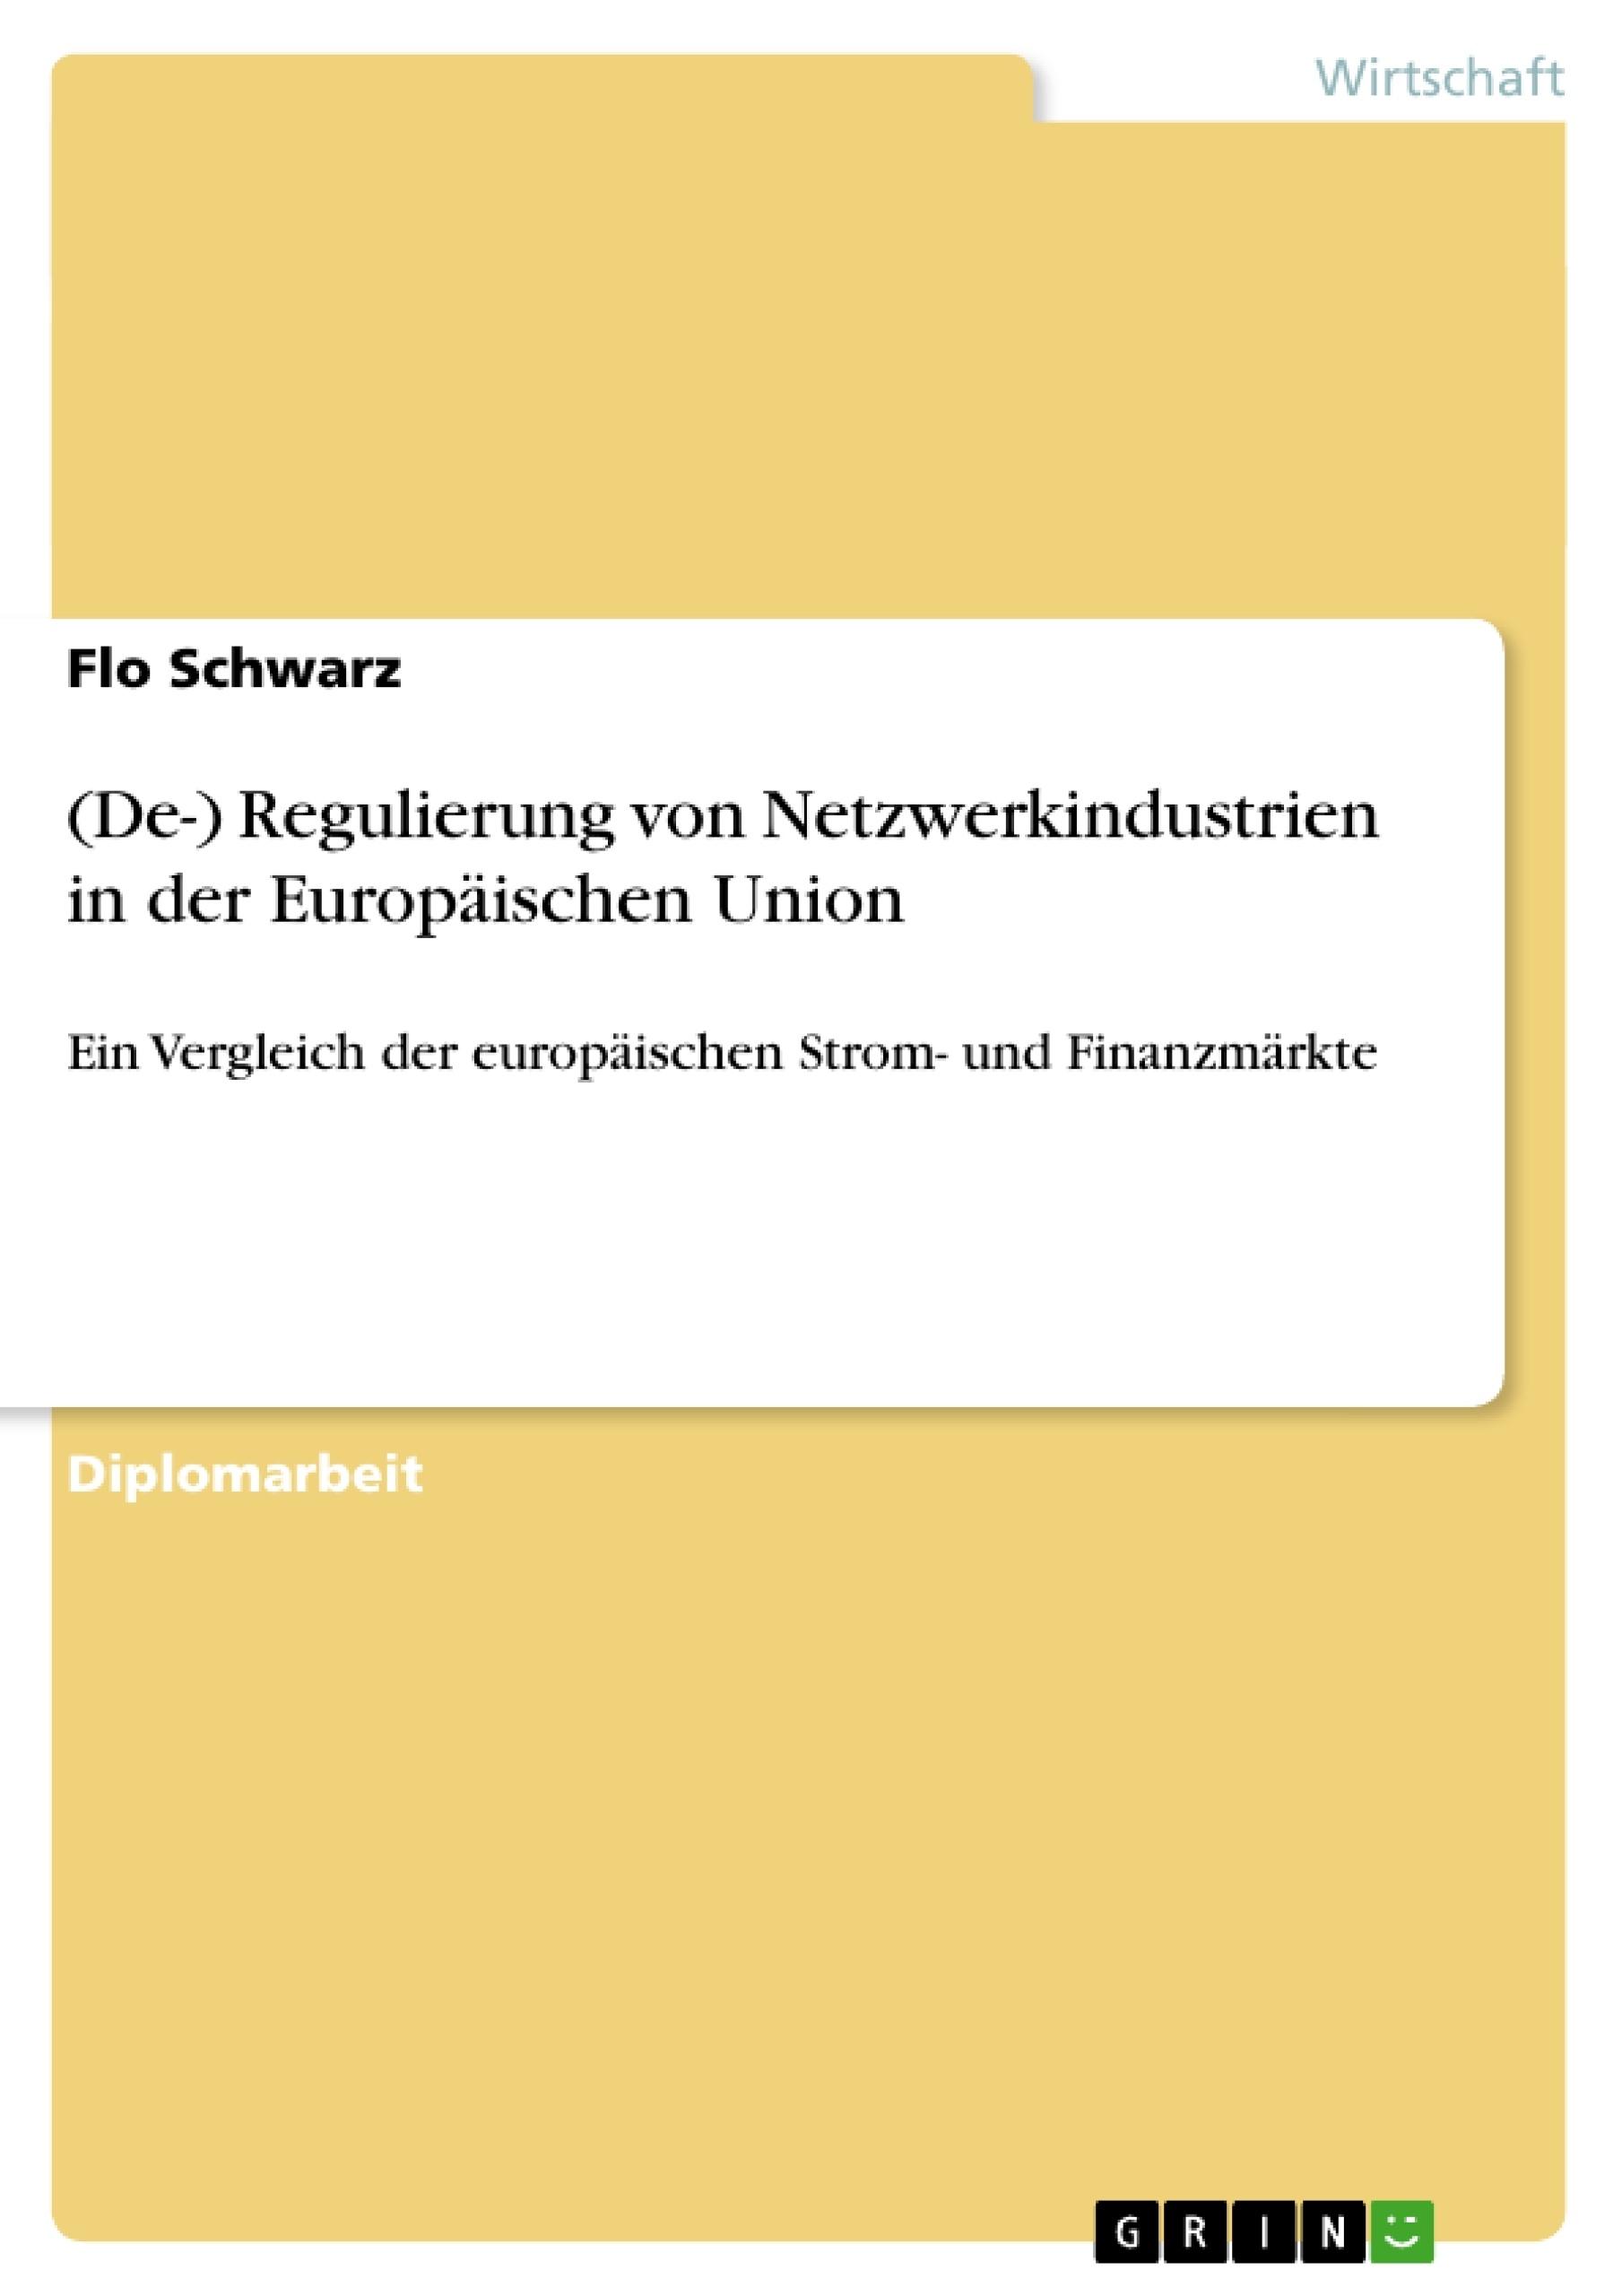 Titel: (De-) Regulierung von Netzwerkindustrien in der Europäischen Union